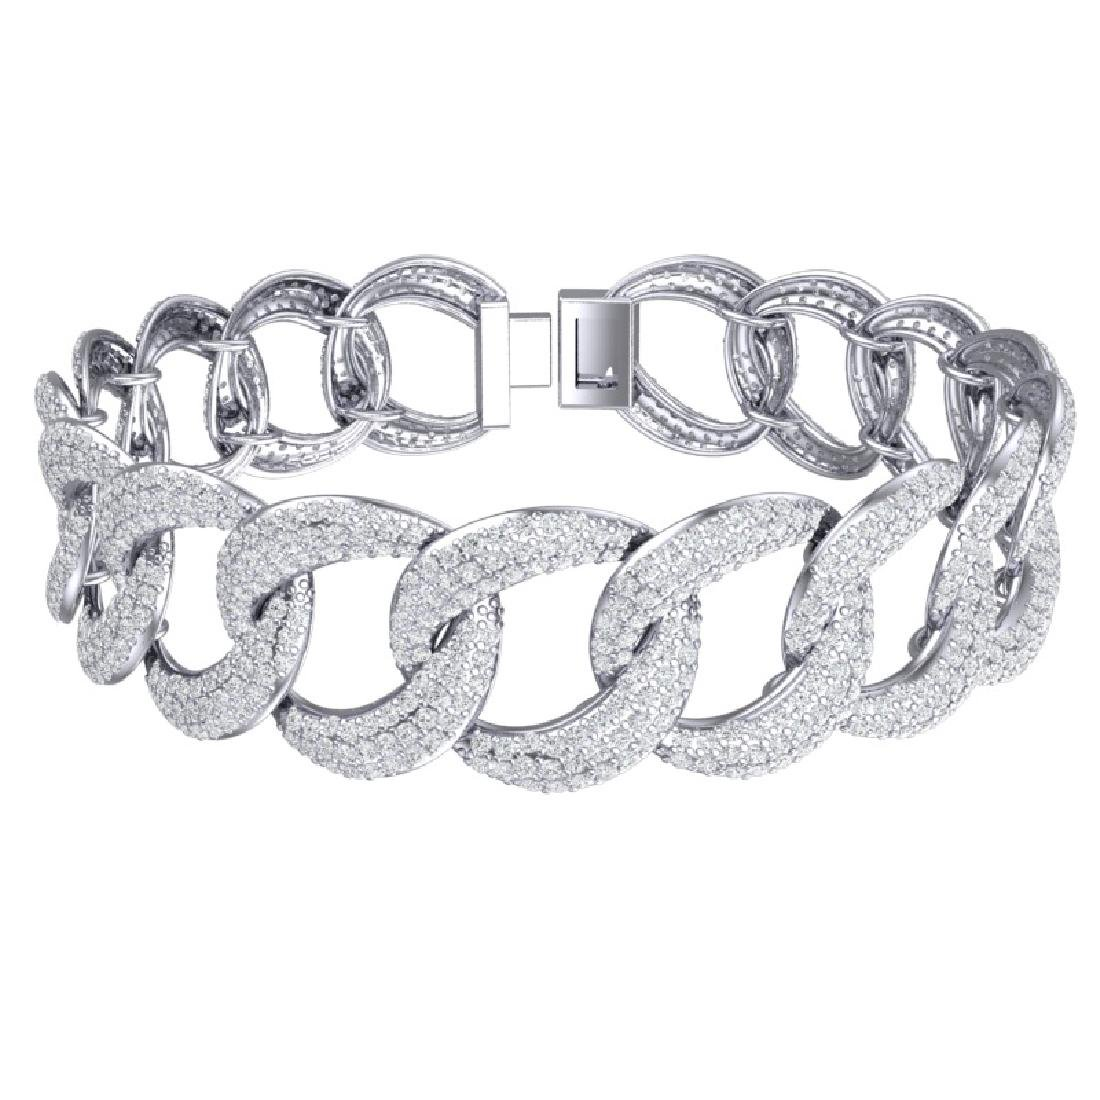 10 CTW Certified VS/SI Diamond Bracelet 18K White Gold - 3